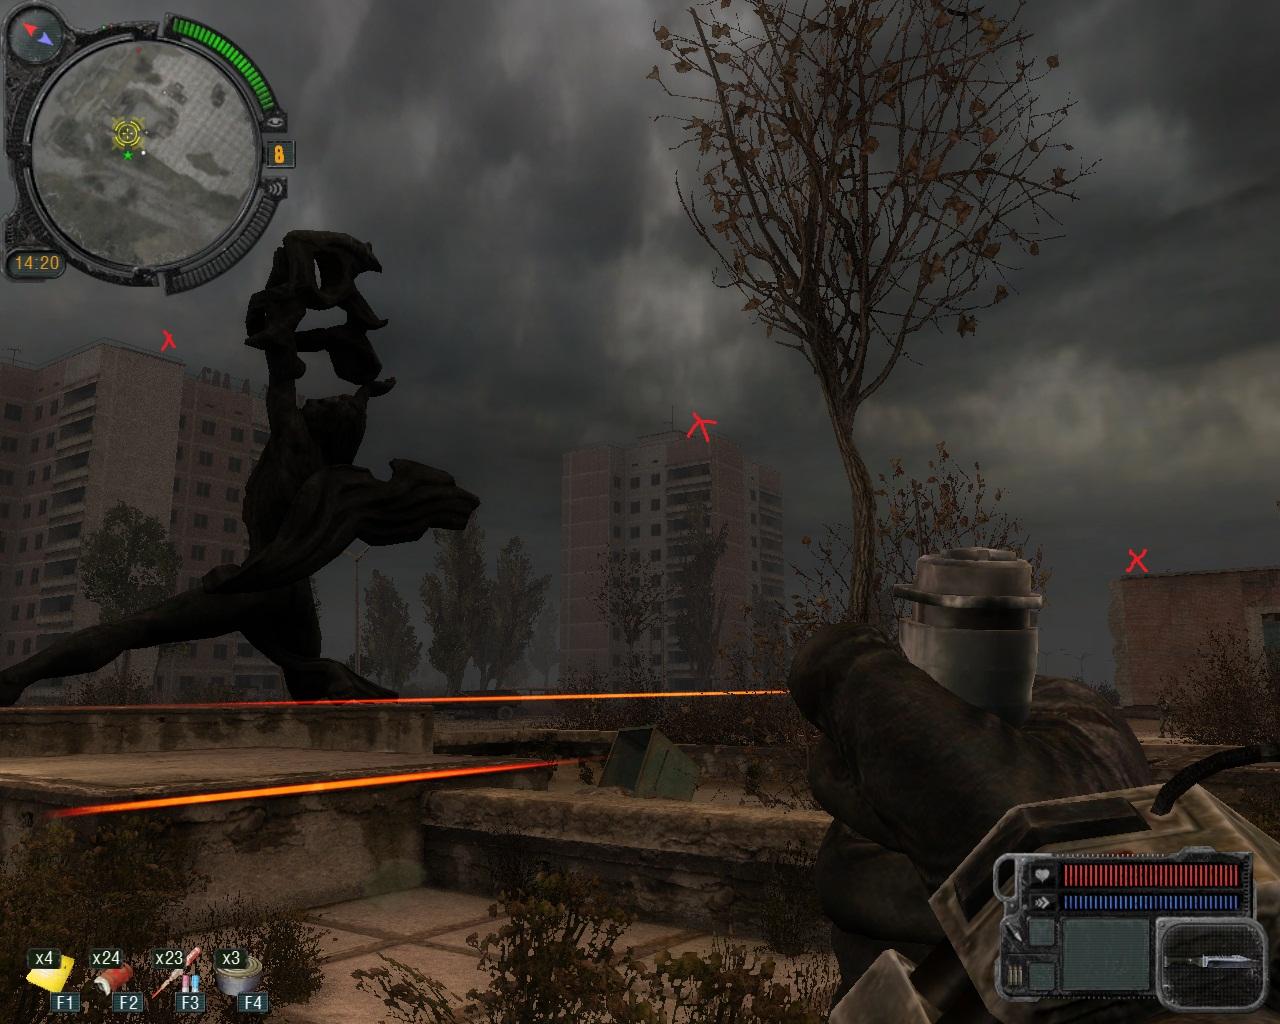 Stalker снайпер прохождение